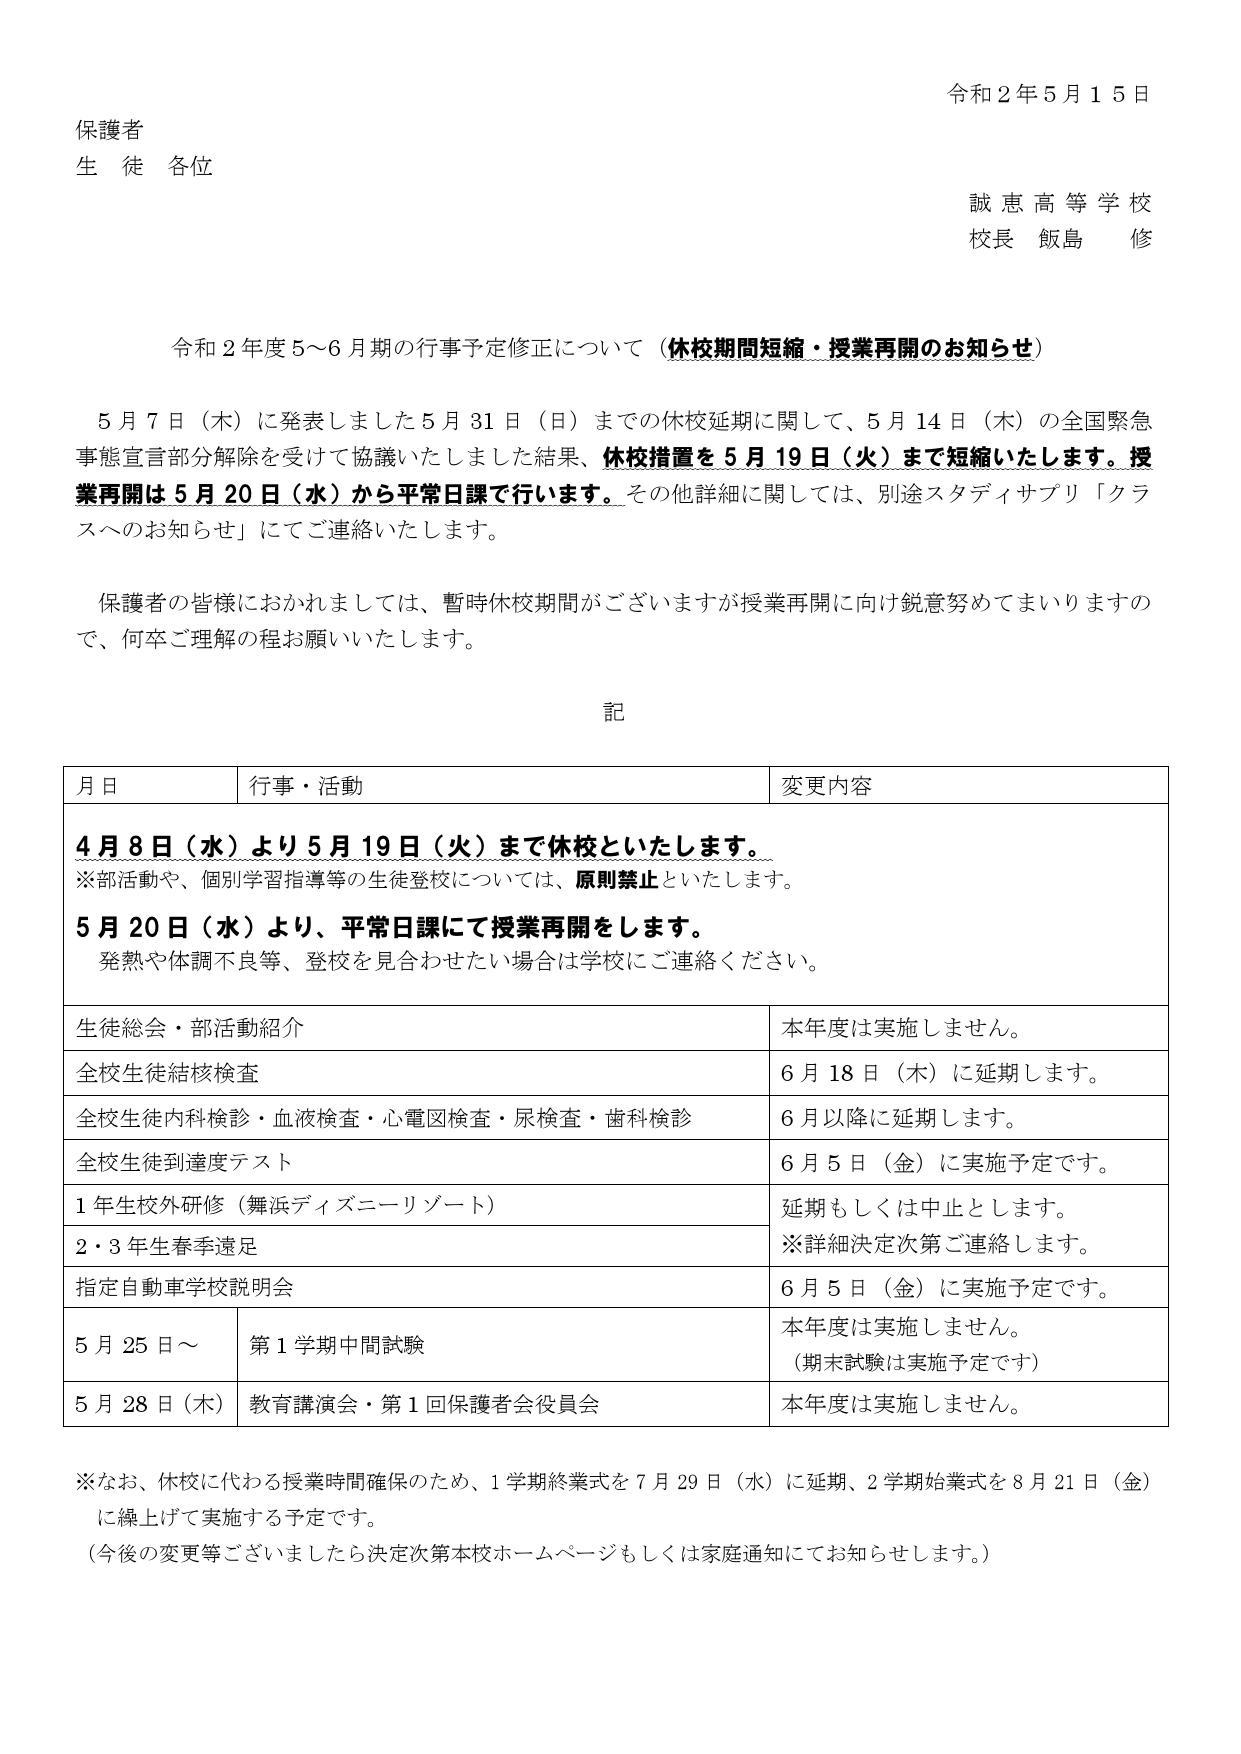 静岡 県 コロナ 感染